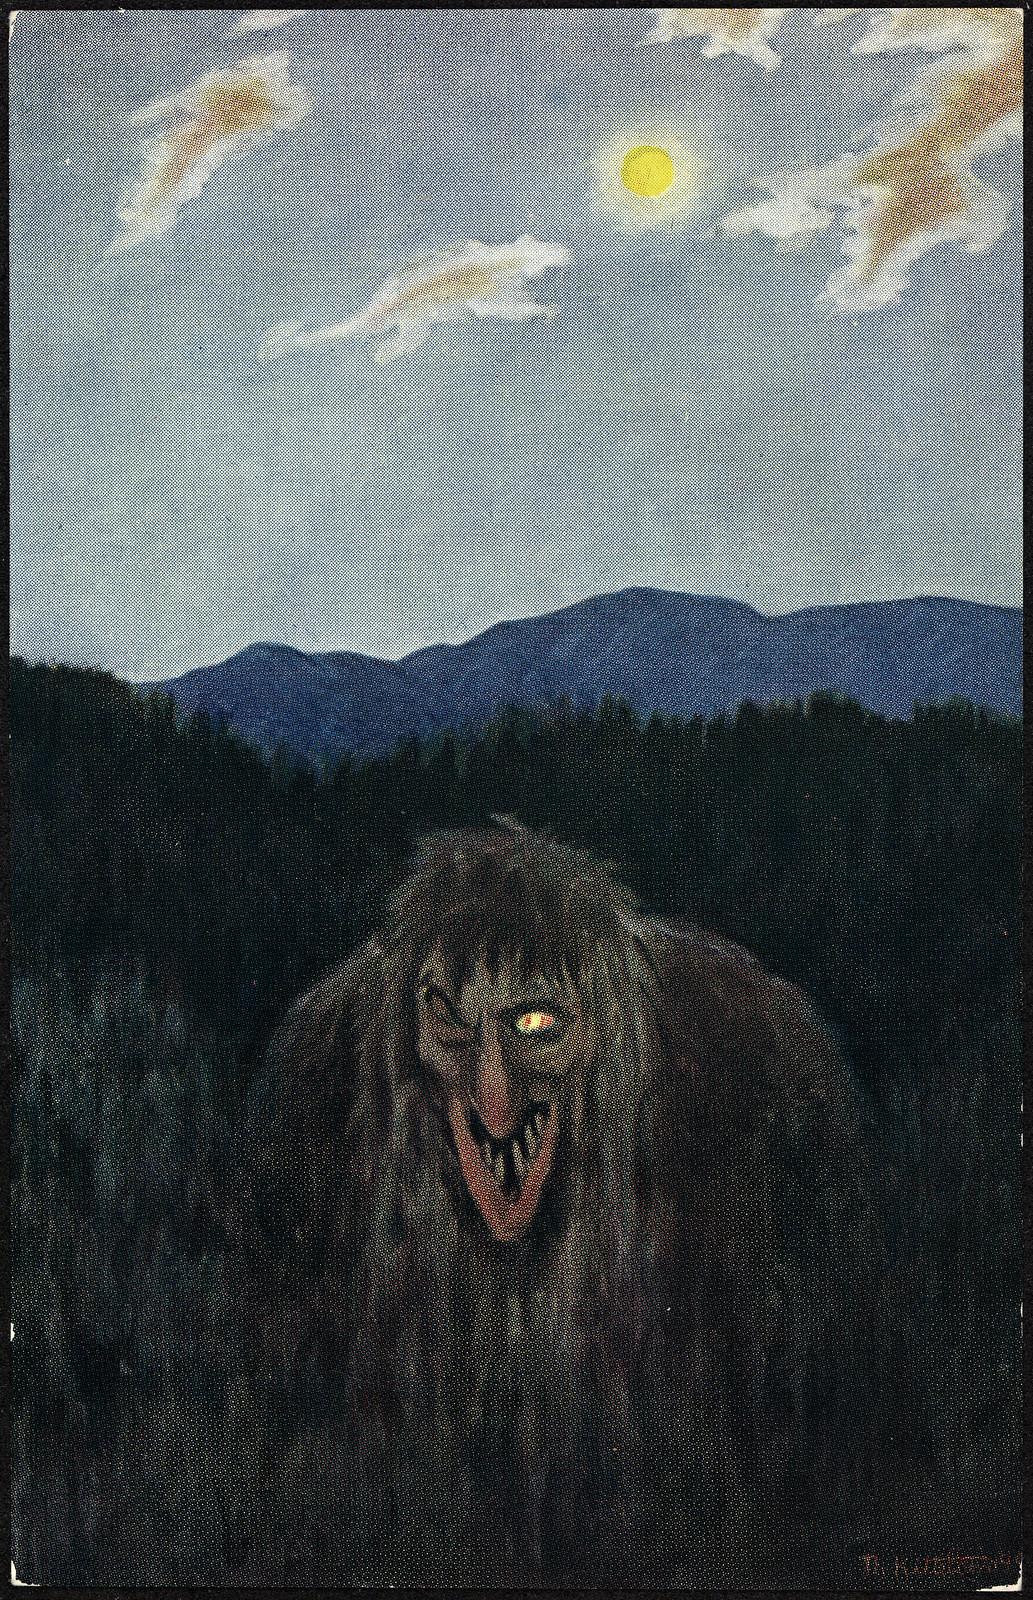 Theodor Kittelsen - Trolløye, 1891